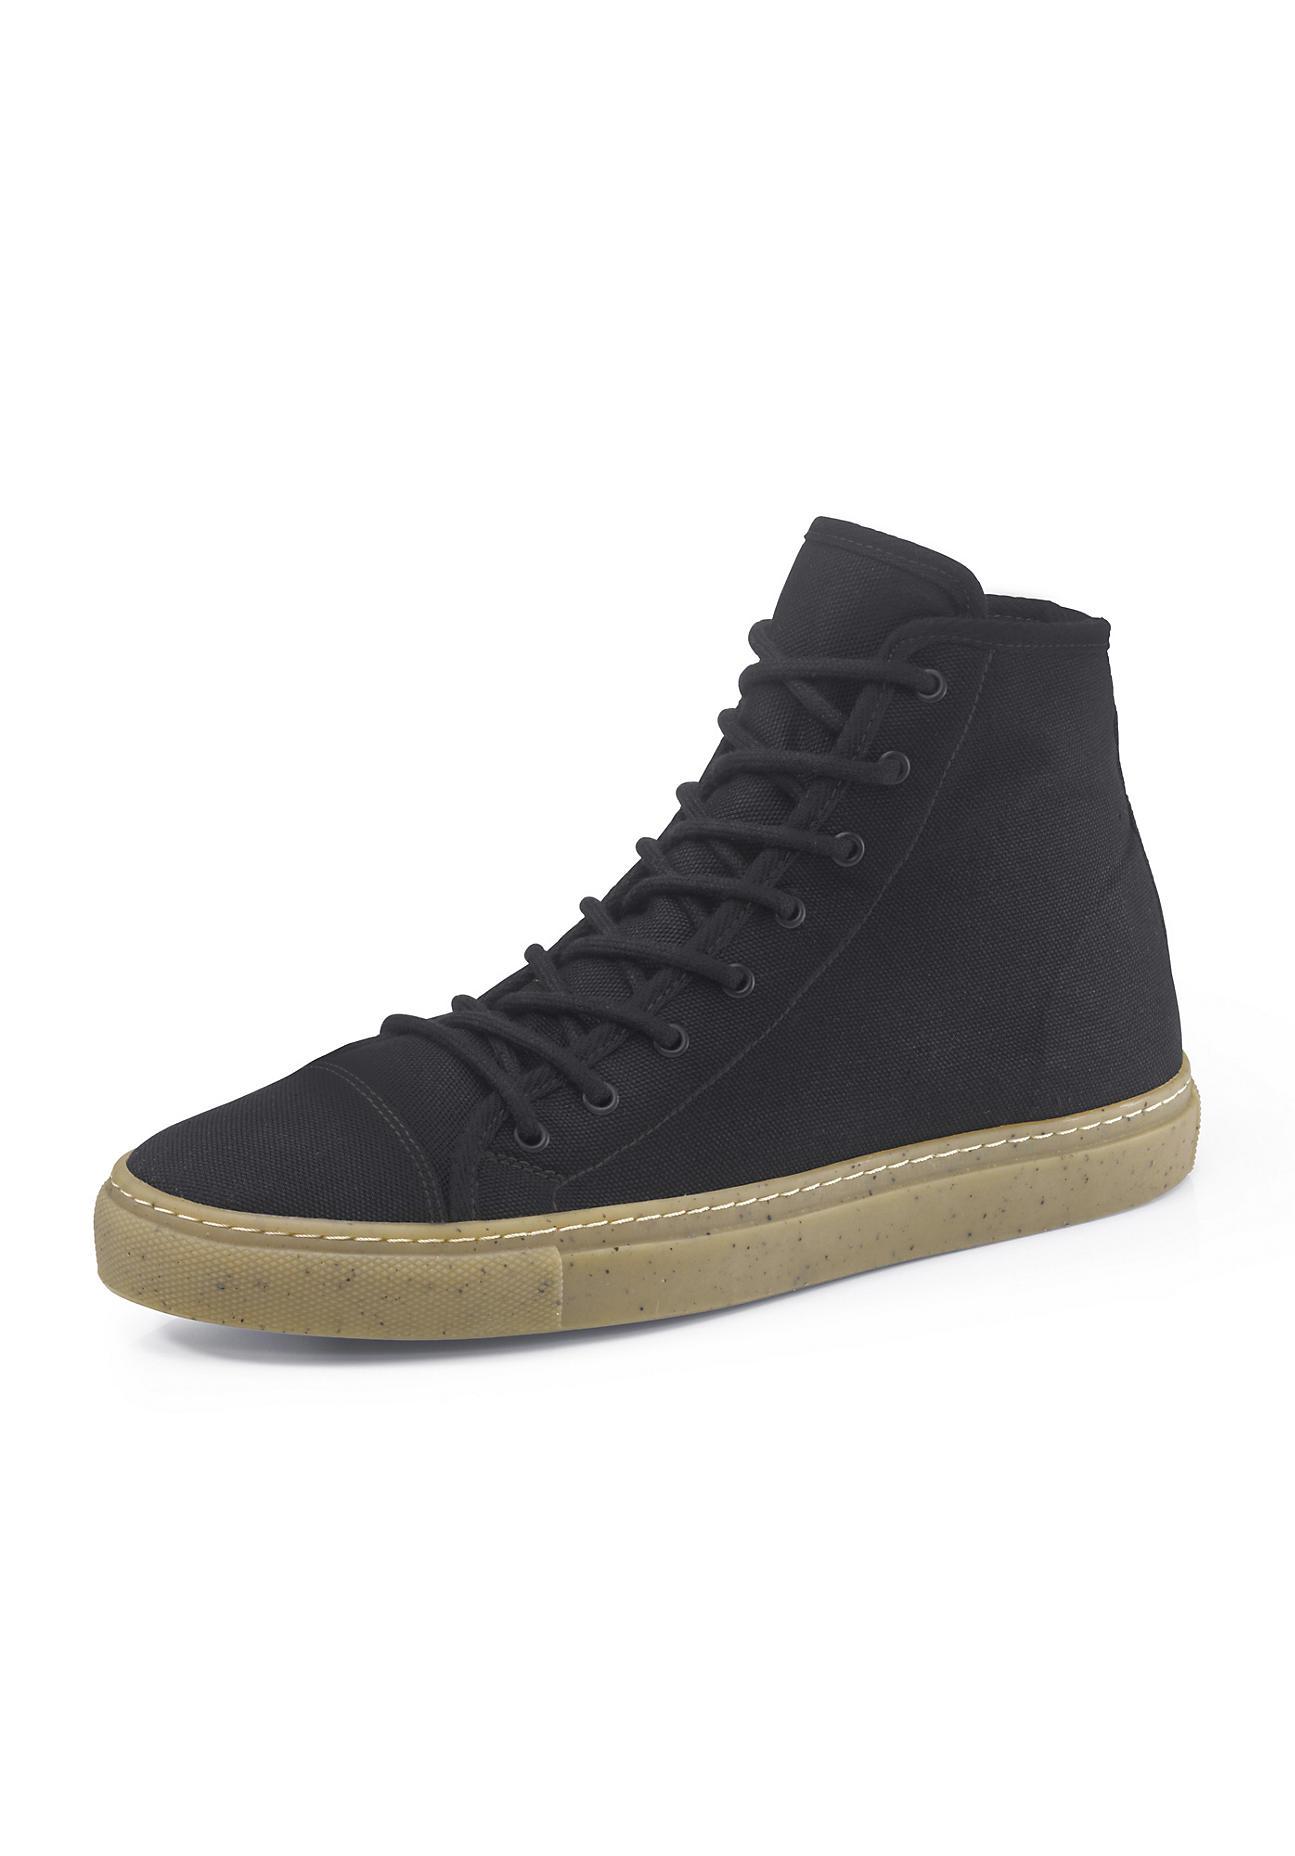 hessnatur Herren Herren Upcycling Sneaker aus Bio-Baumwolle und Naturkautschuk – schwarz – Größe 41